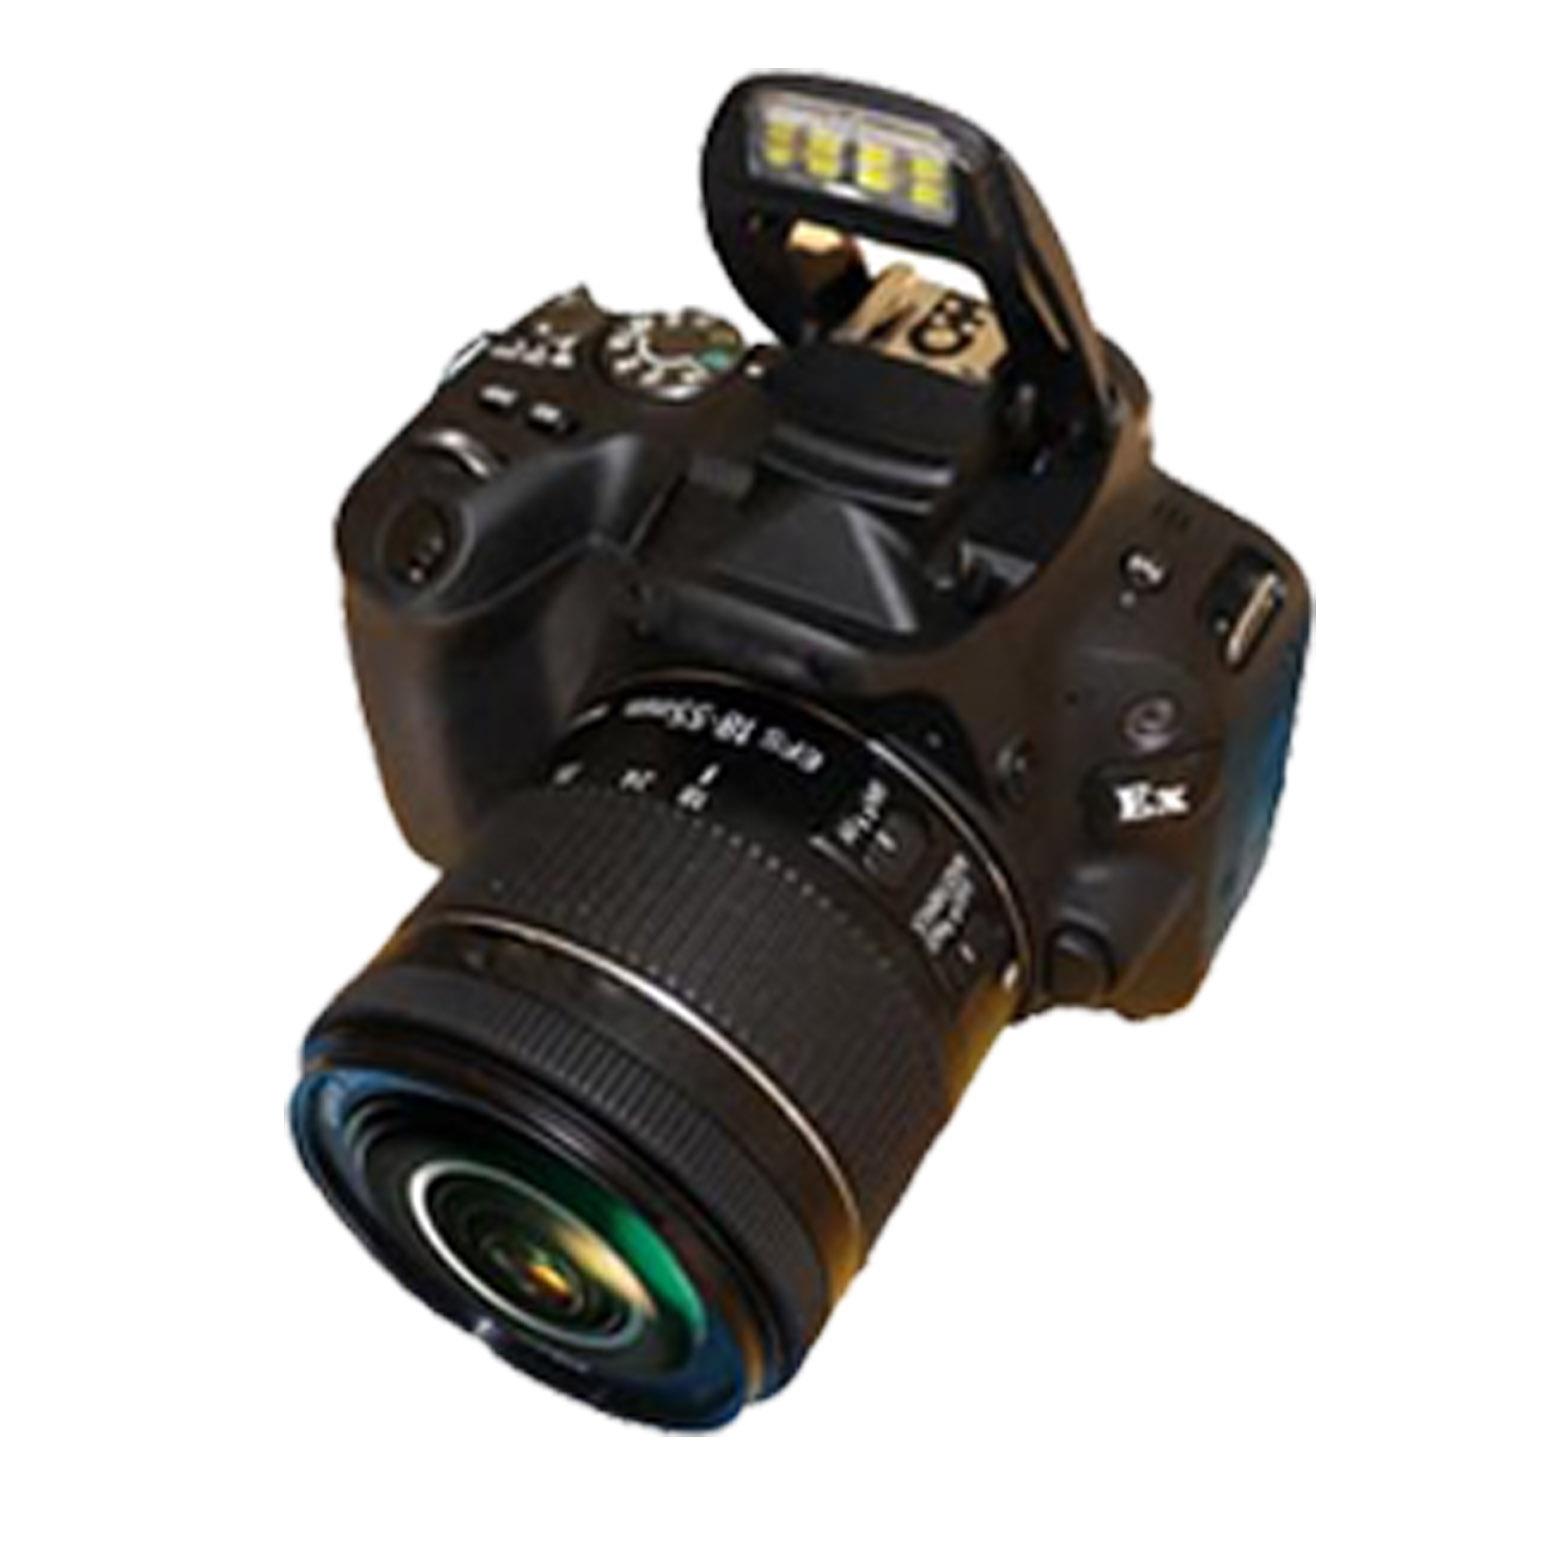 佳能防爆相机系列大集合